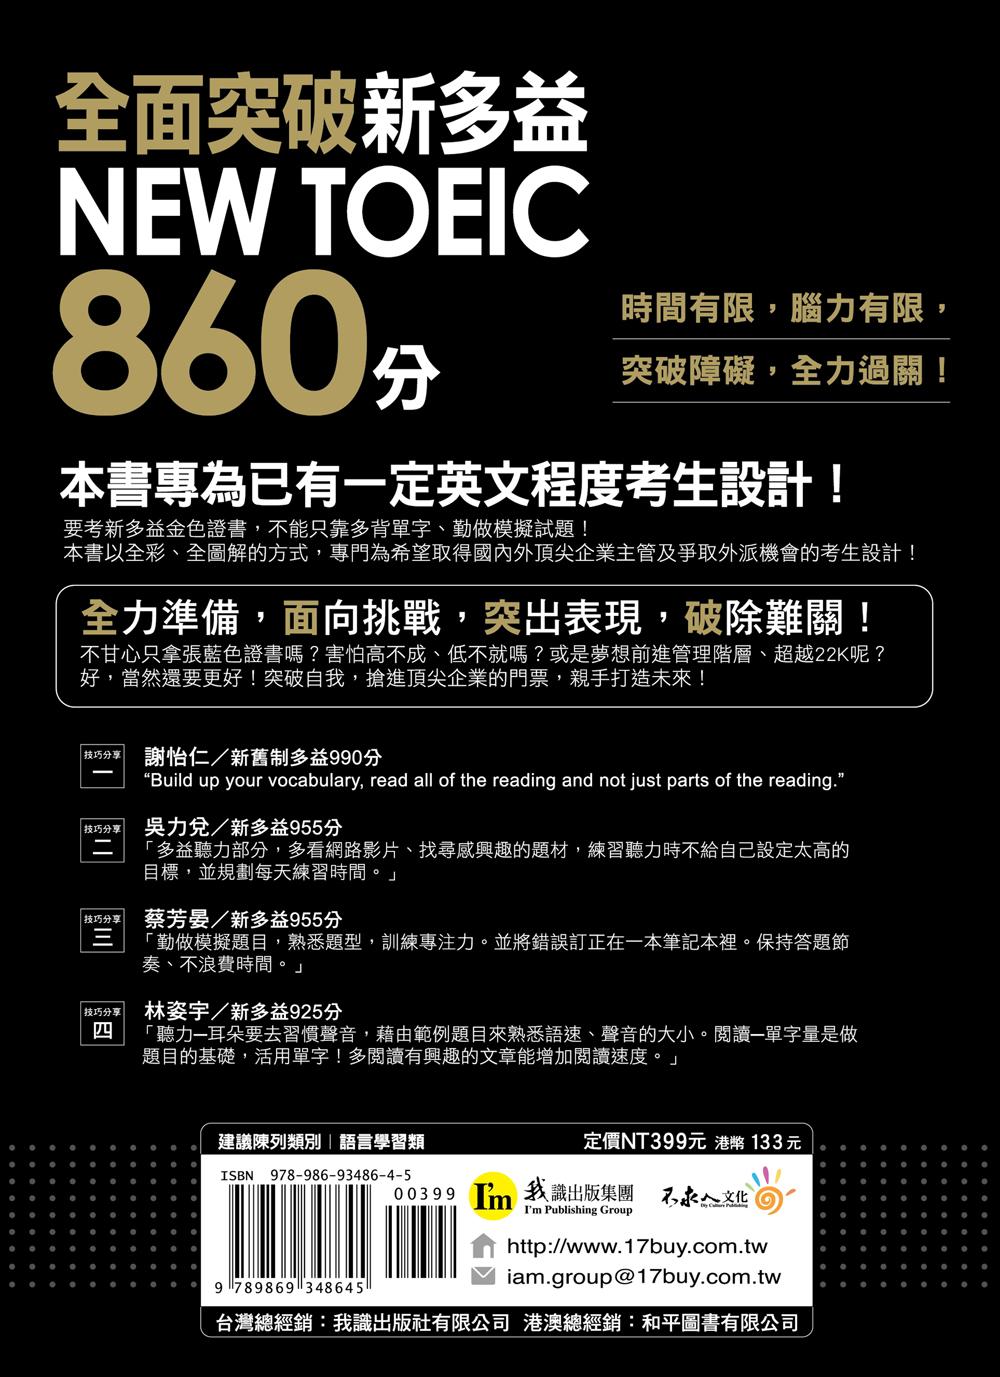 ◤博客來BOOKS◢ 暢銷書榜《推薦》全面突破新多益NEW TOEIC860分:專為取得「金色證書」及「晉升高階主管」設計!(附1MP3)